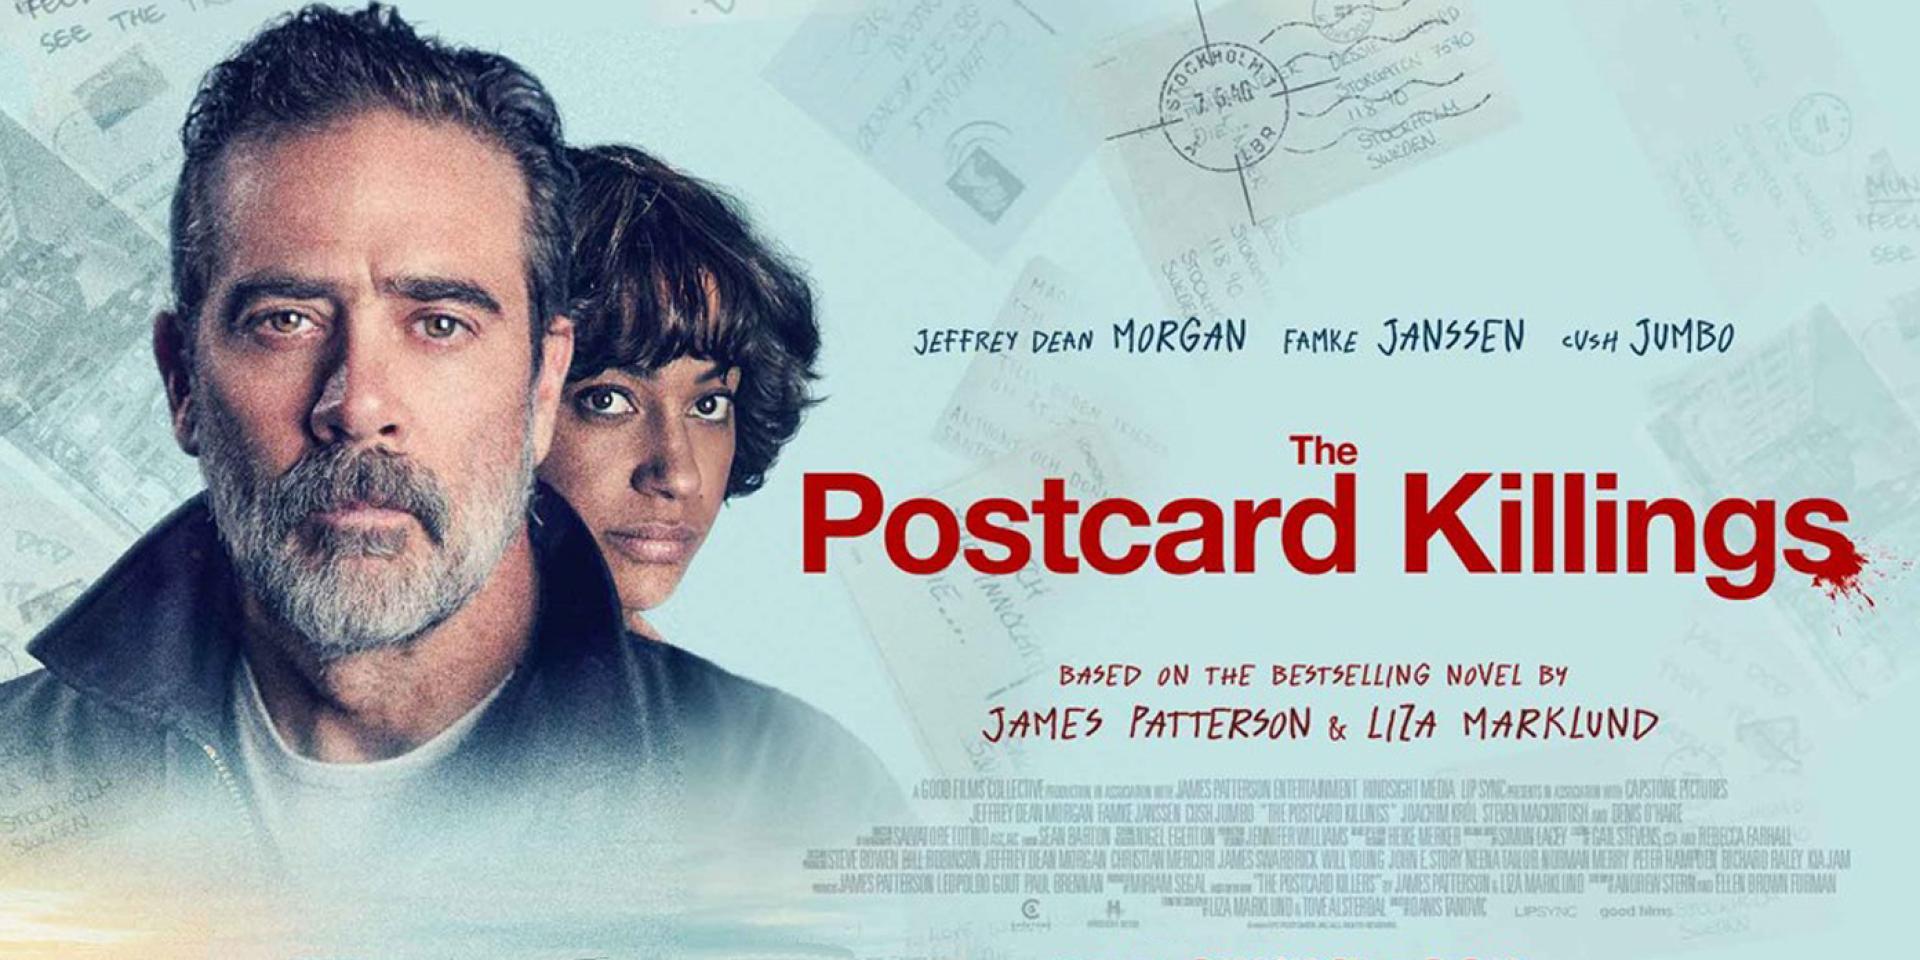 The Postcard Killings / A képeslap gyilkosságok (2020)